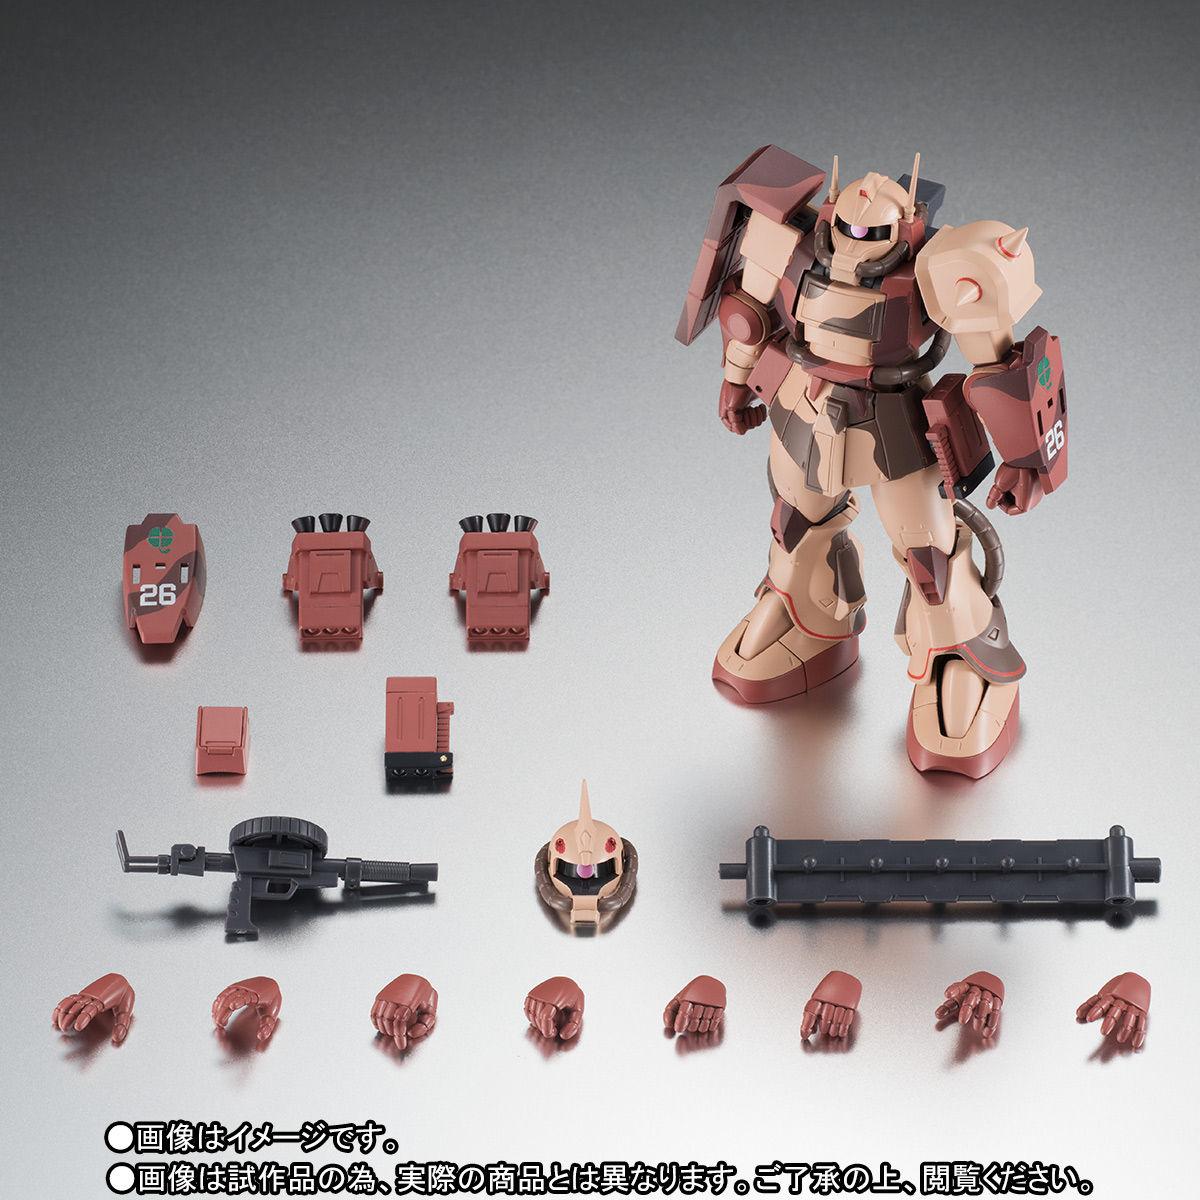 ROBOT魂〈SIDE MS〉『MS-06D ザク・デザートタイプ カラカル隊所属機』ガンダム モビルスーツバリエーション(MSV)可動フィギュア-009